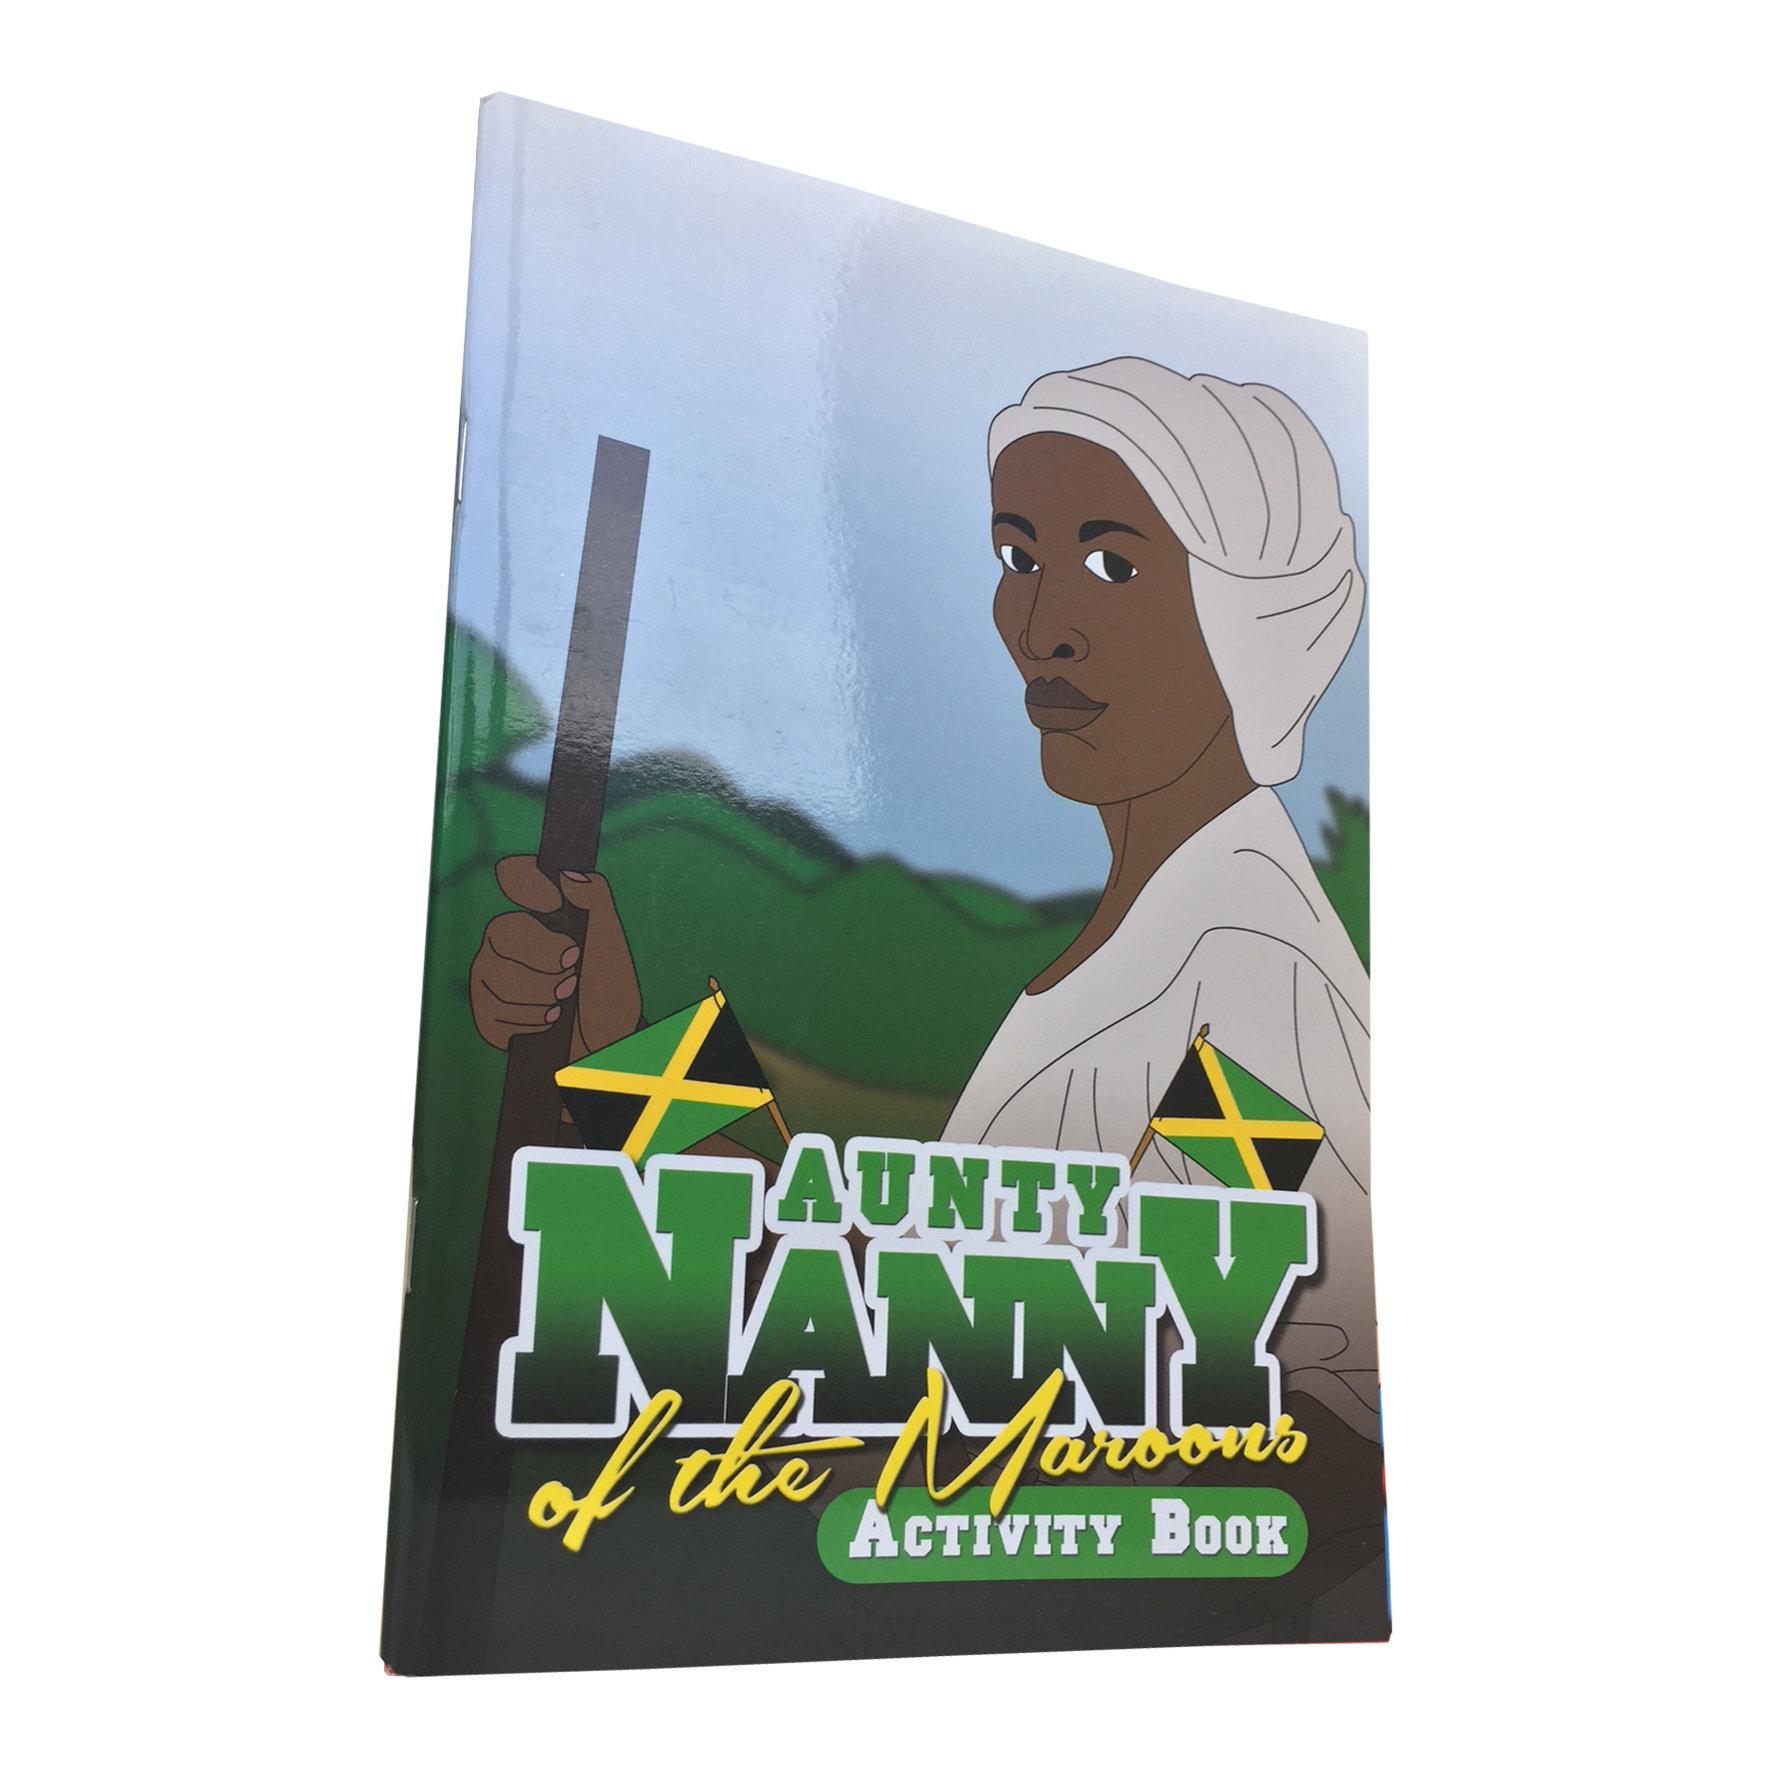 Aunty Nanny of the Maroons: Black History Activity Book 00001